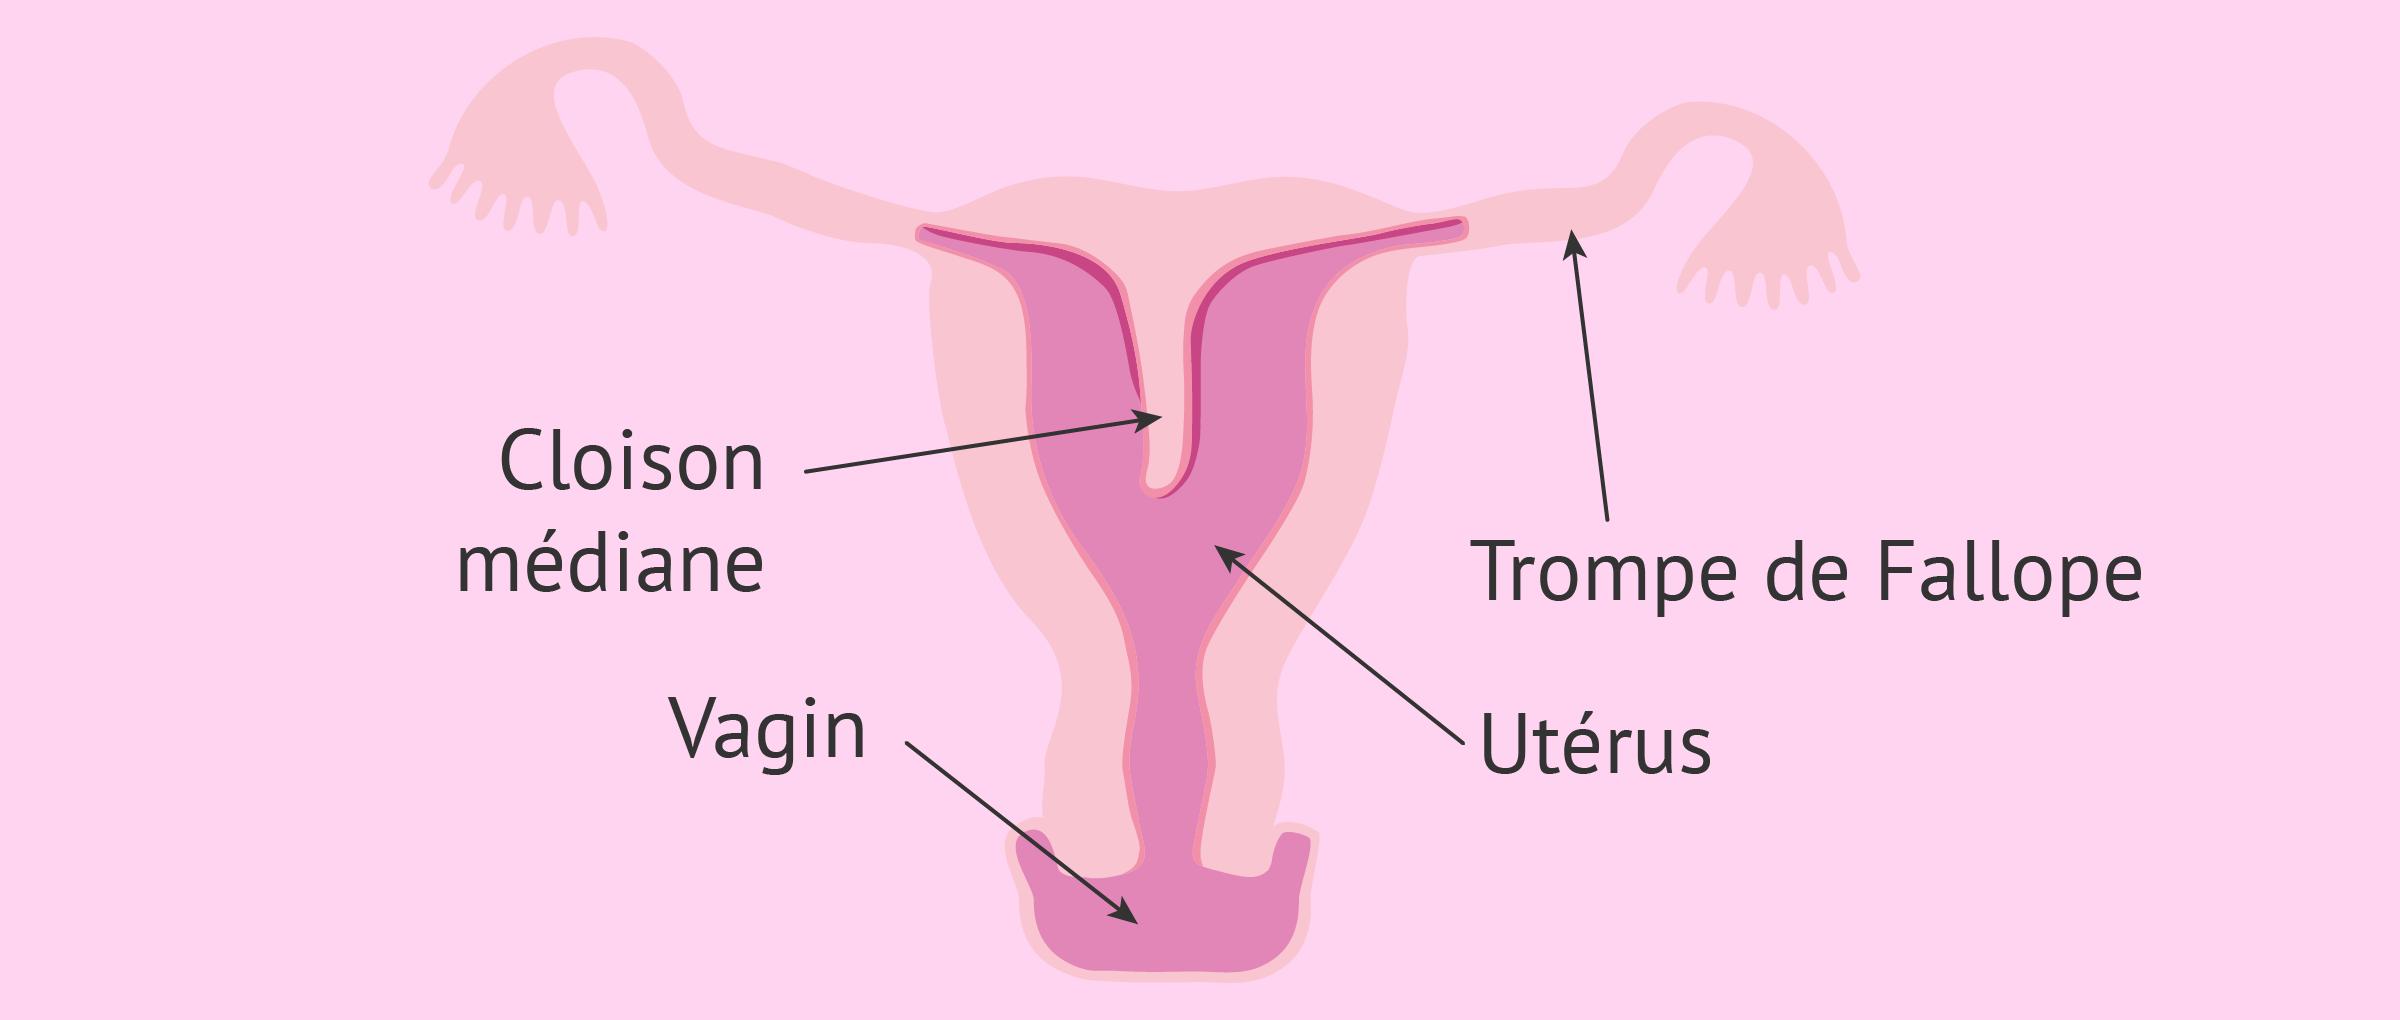 Utérus cloisonné